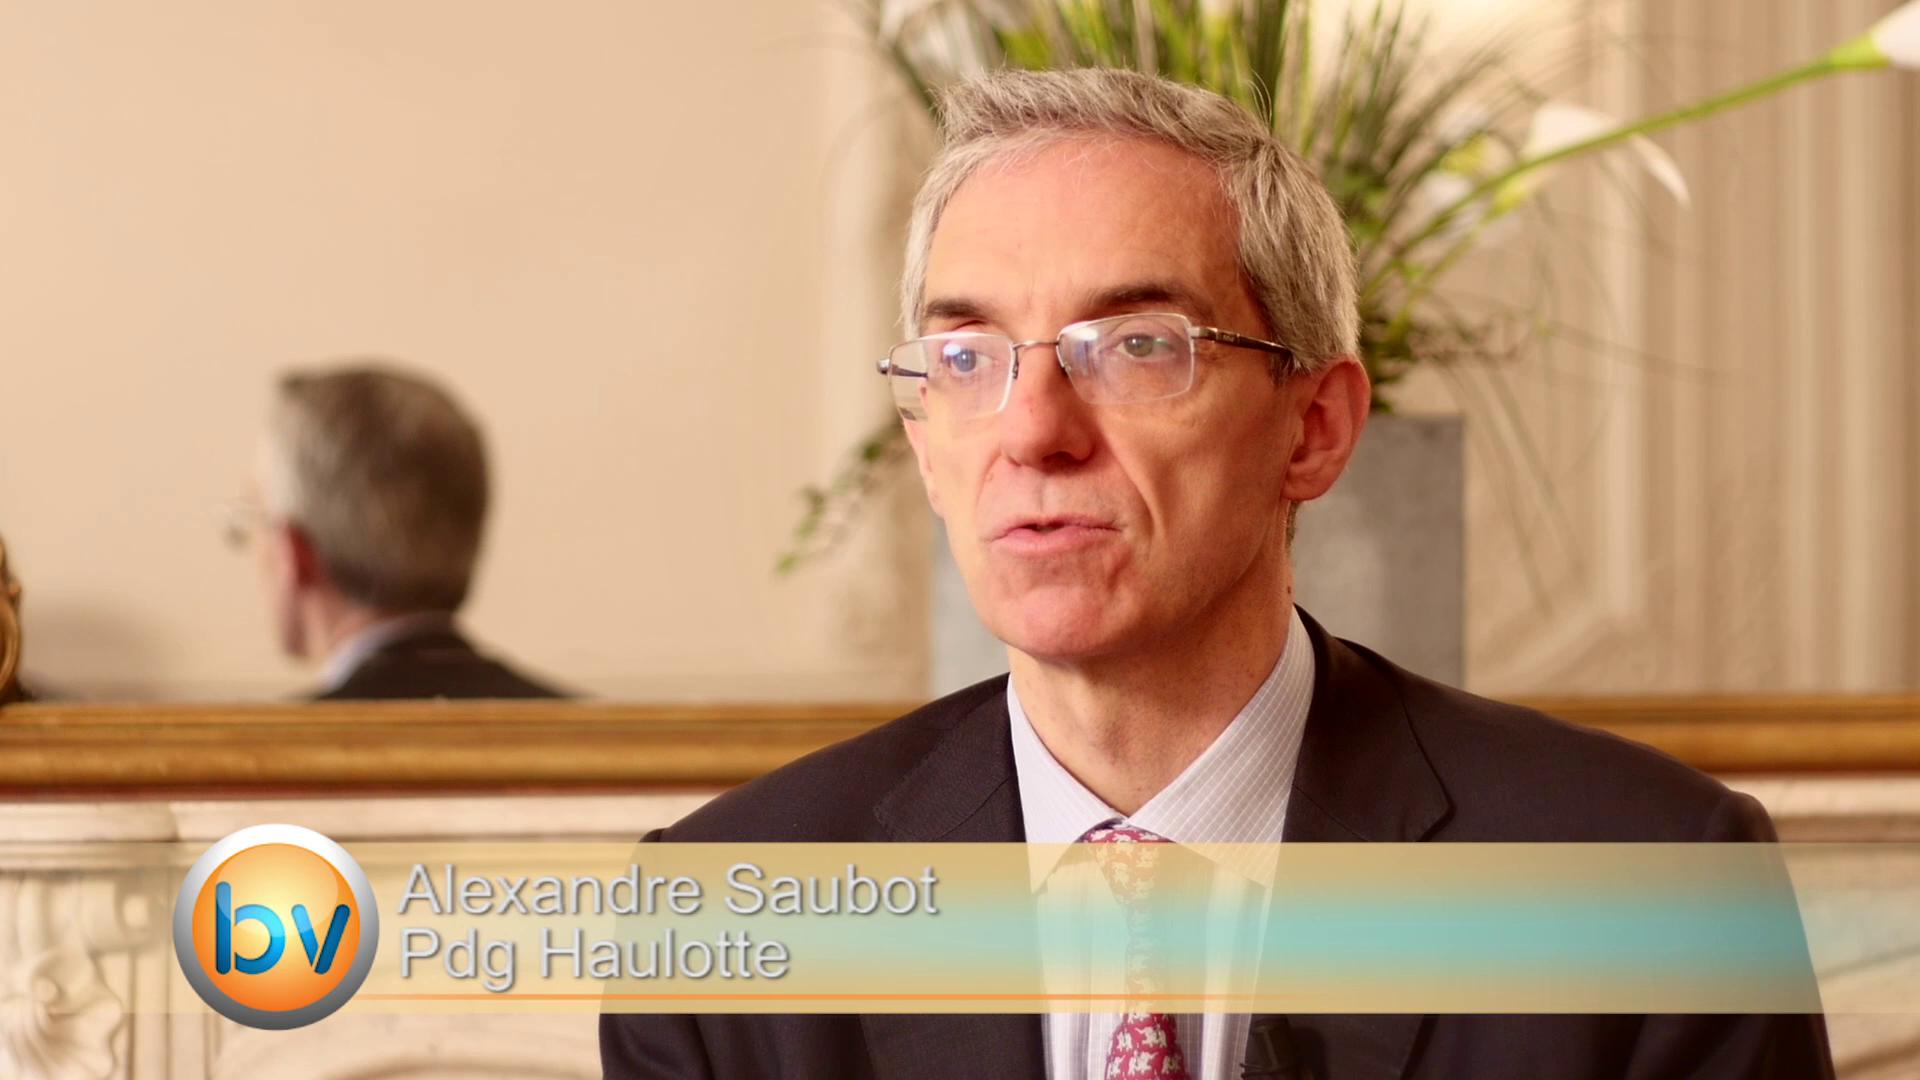 """Alexandre Saubot Pdg Haulotte : """"On se rapproche du rebond du marché européen"""""""